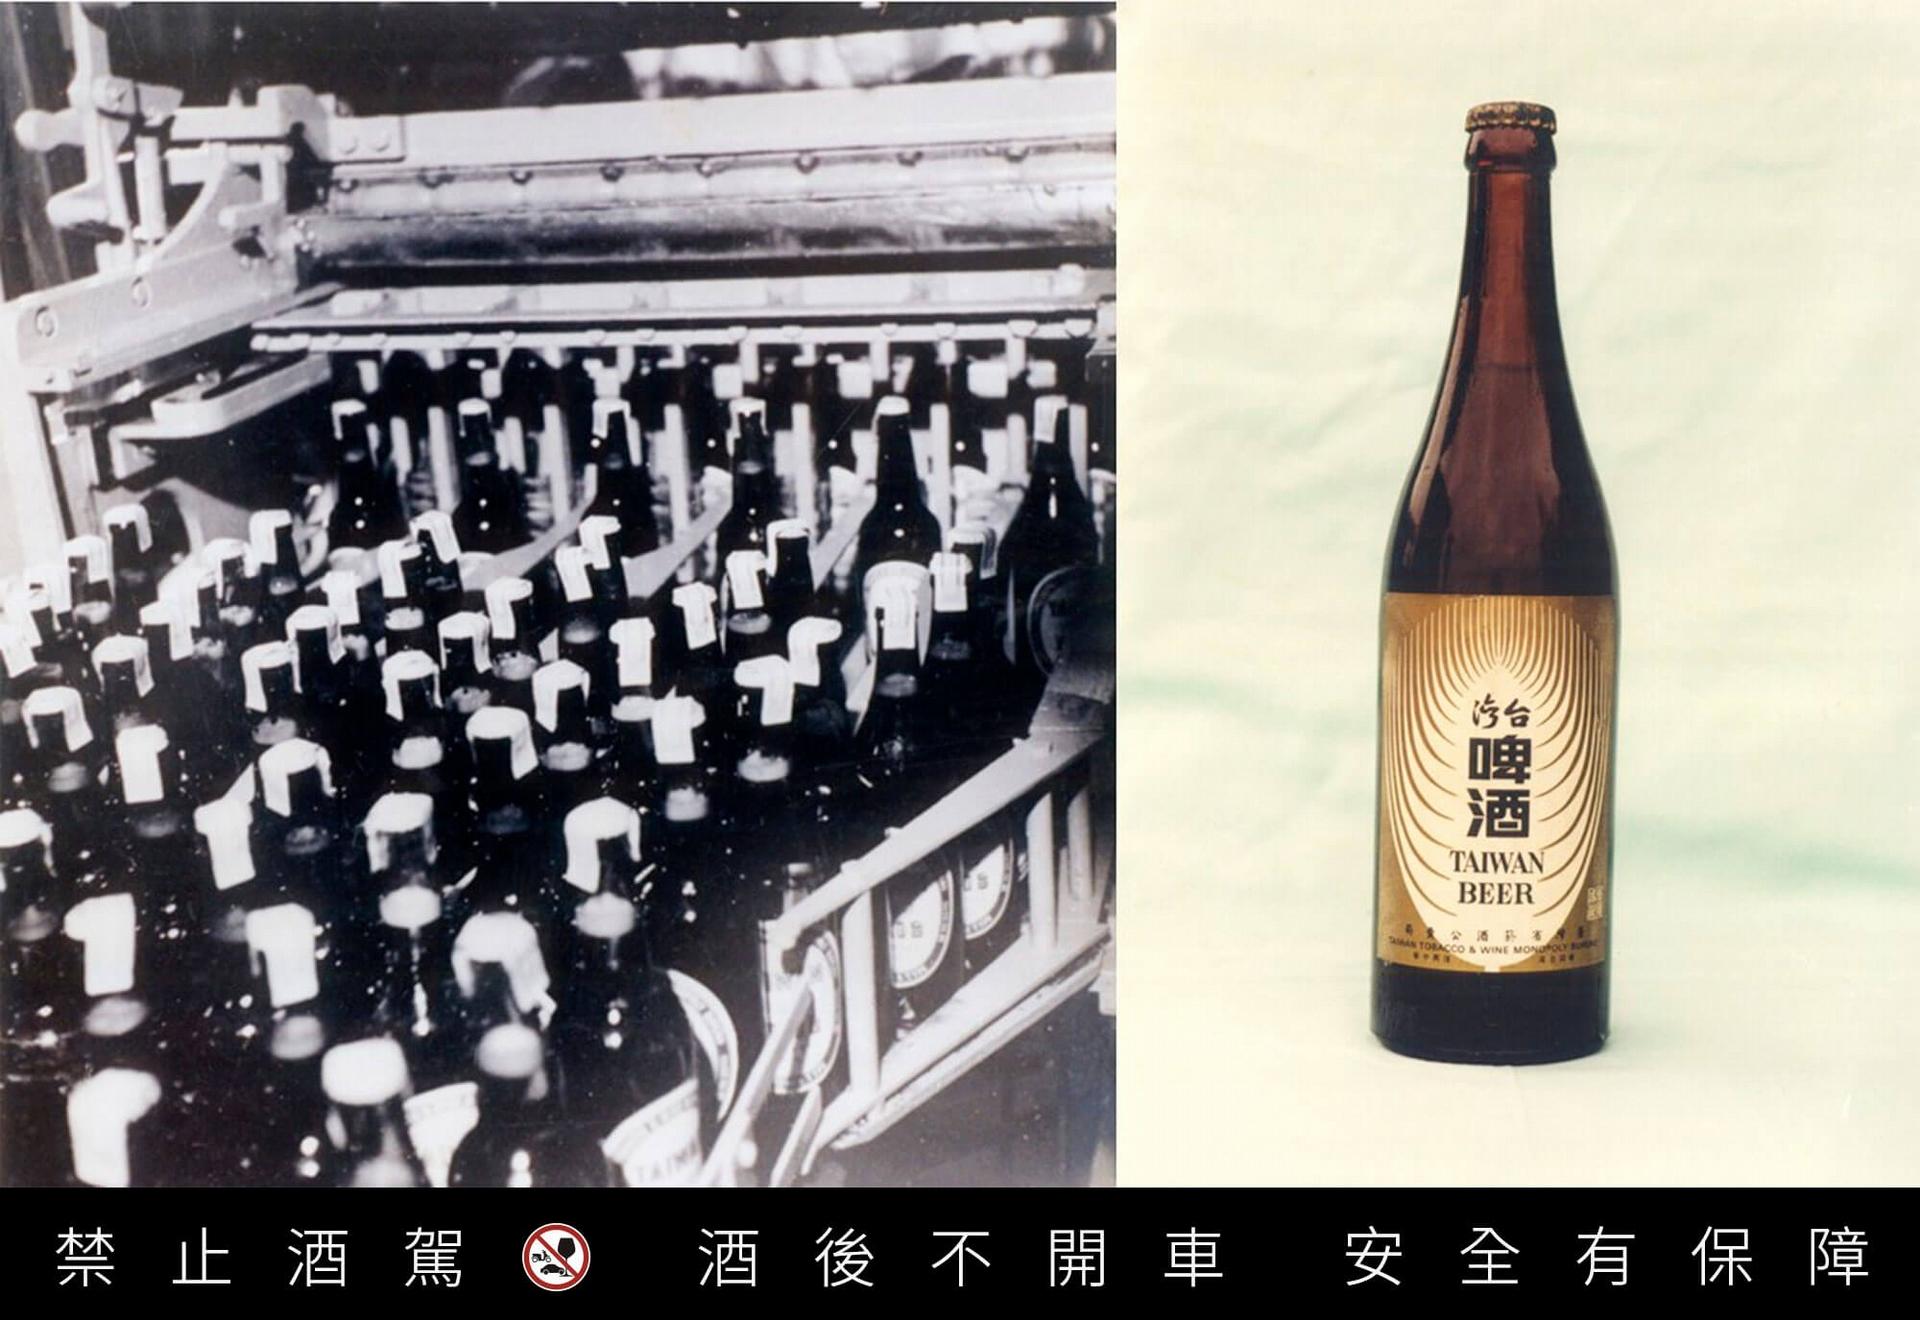 台啤設備/產品舊照